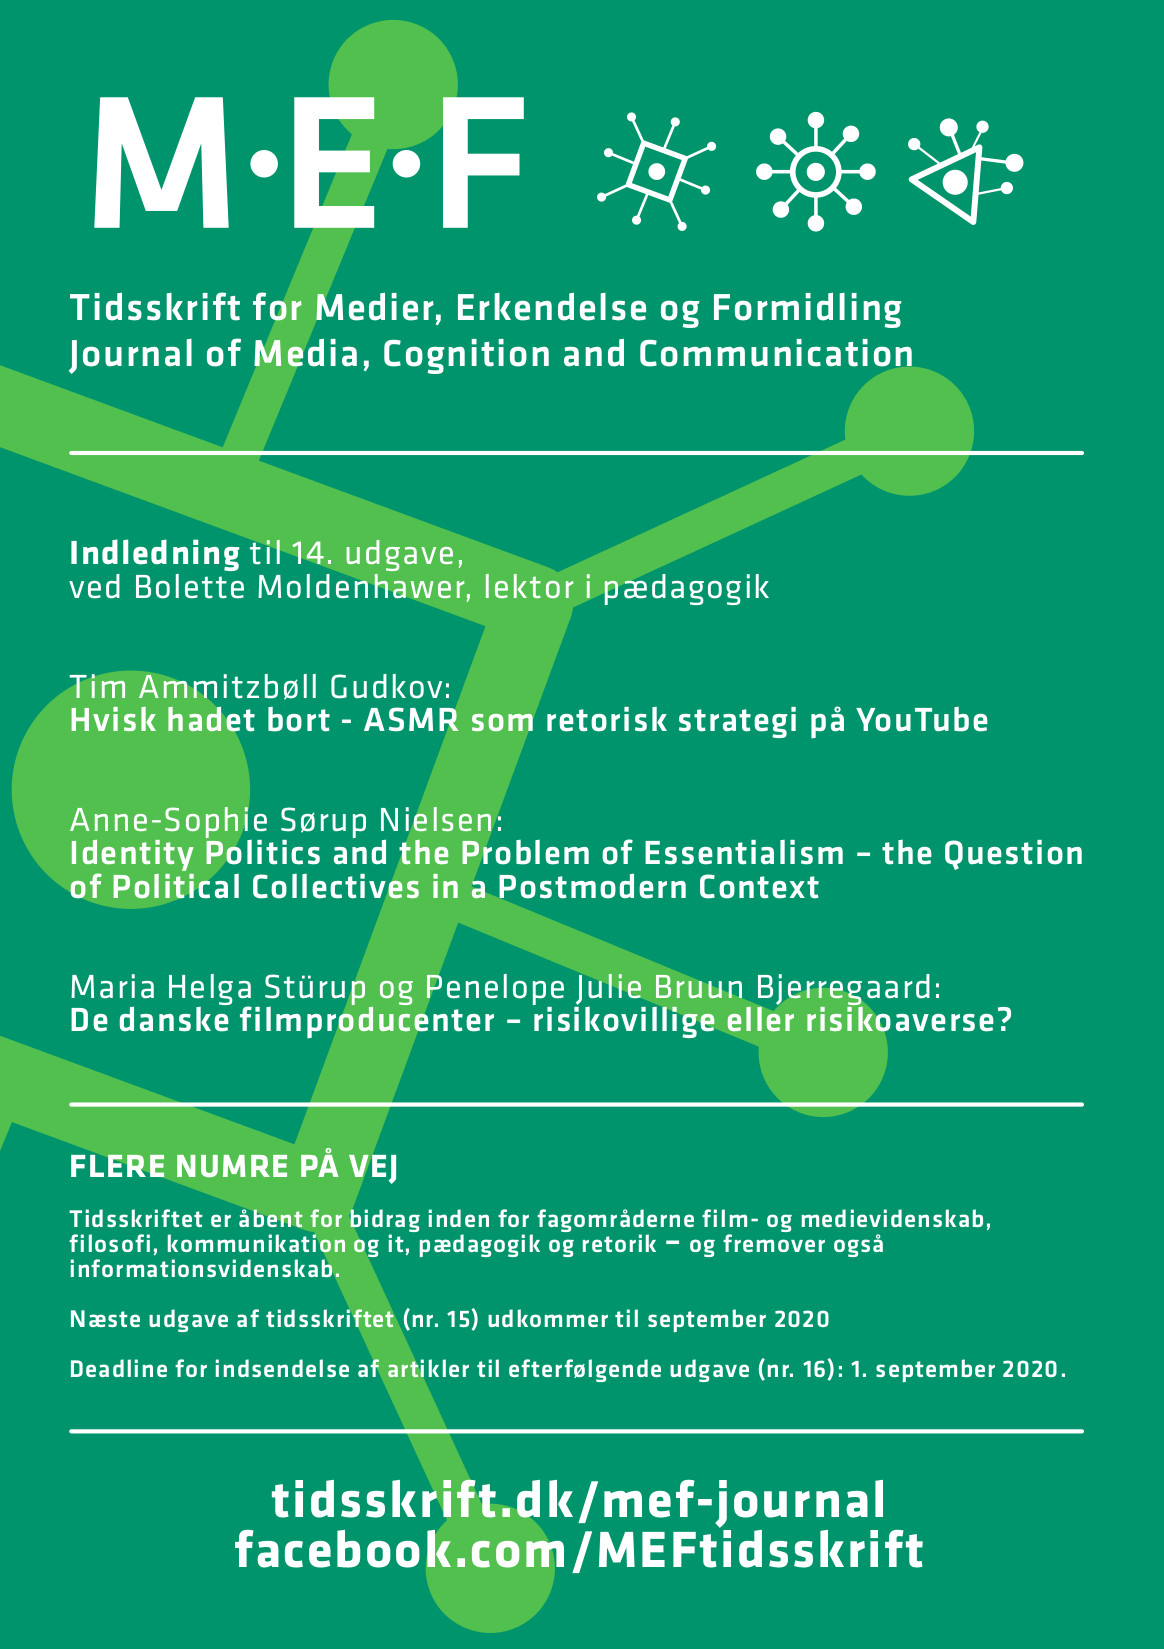 Se Årg. 8 Nr. 1 (2020): Tidsskrift for Medier, Erkendelse og Formidling, no. 14